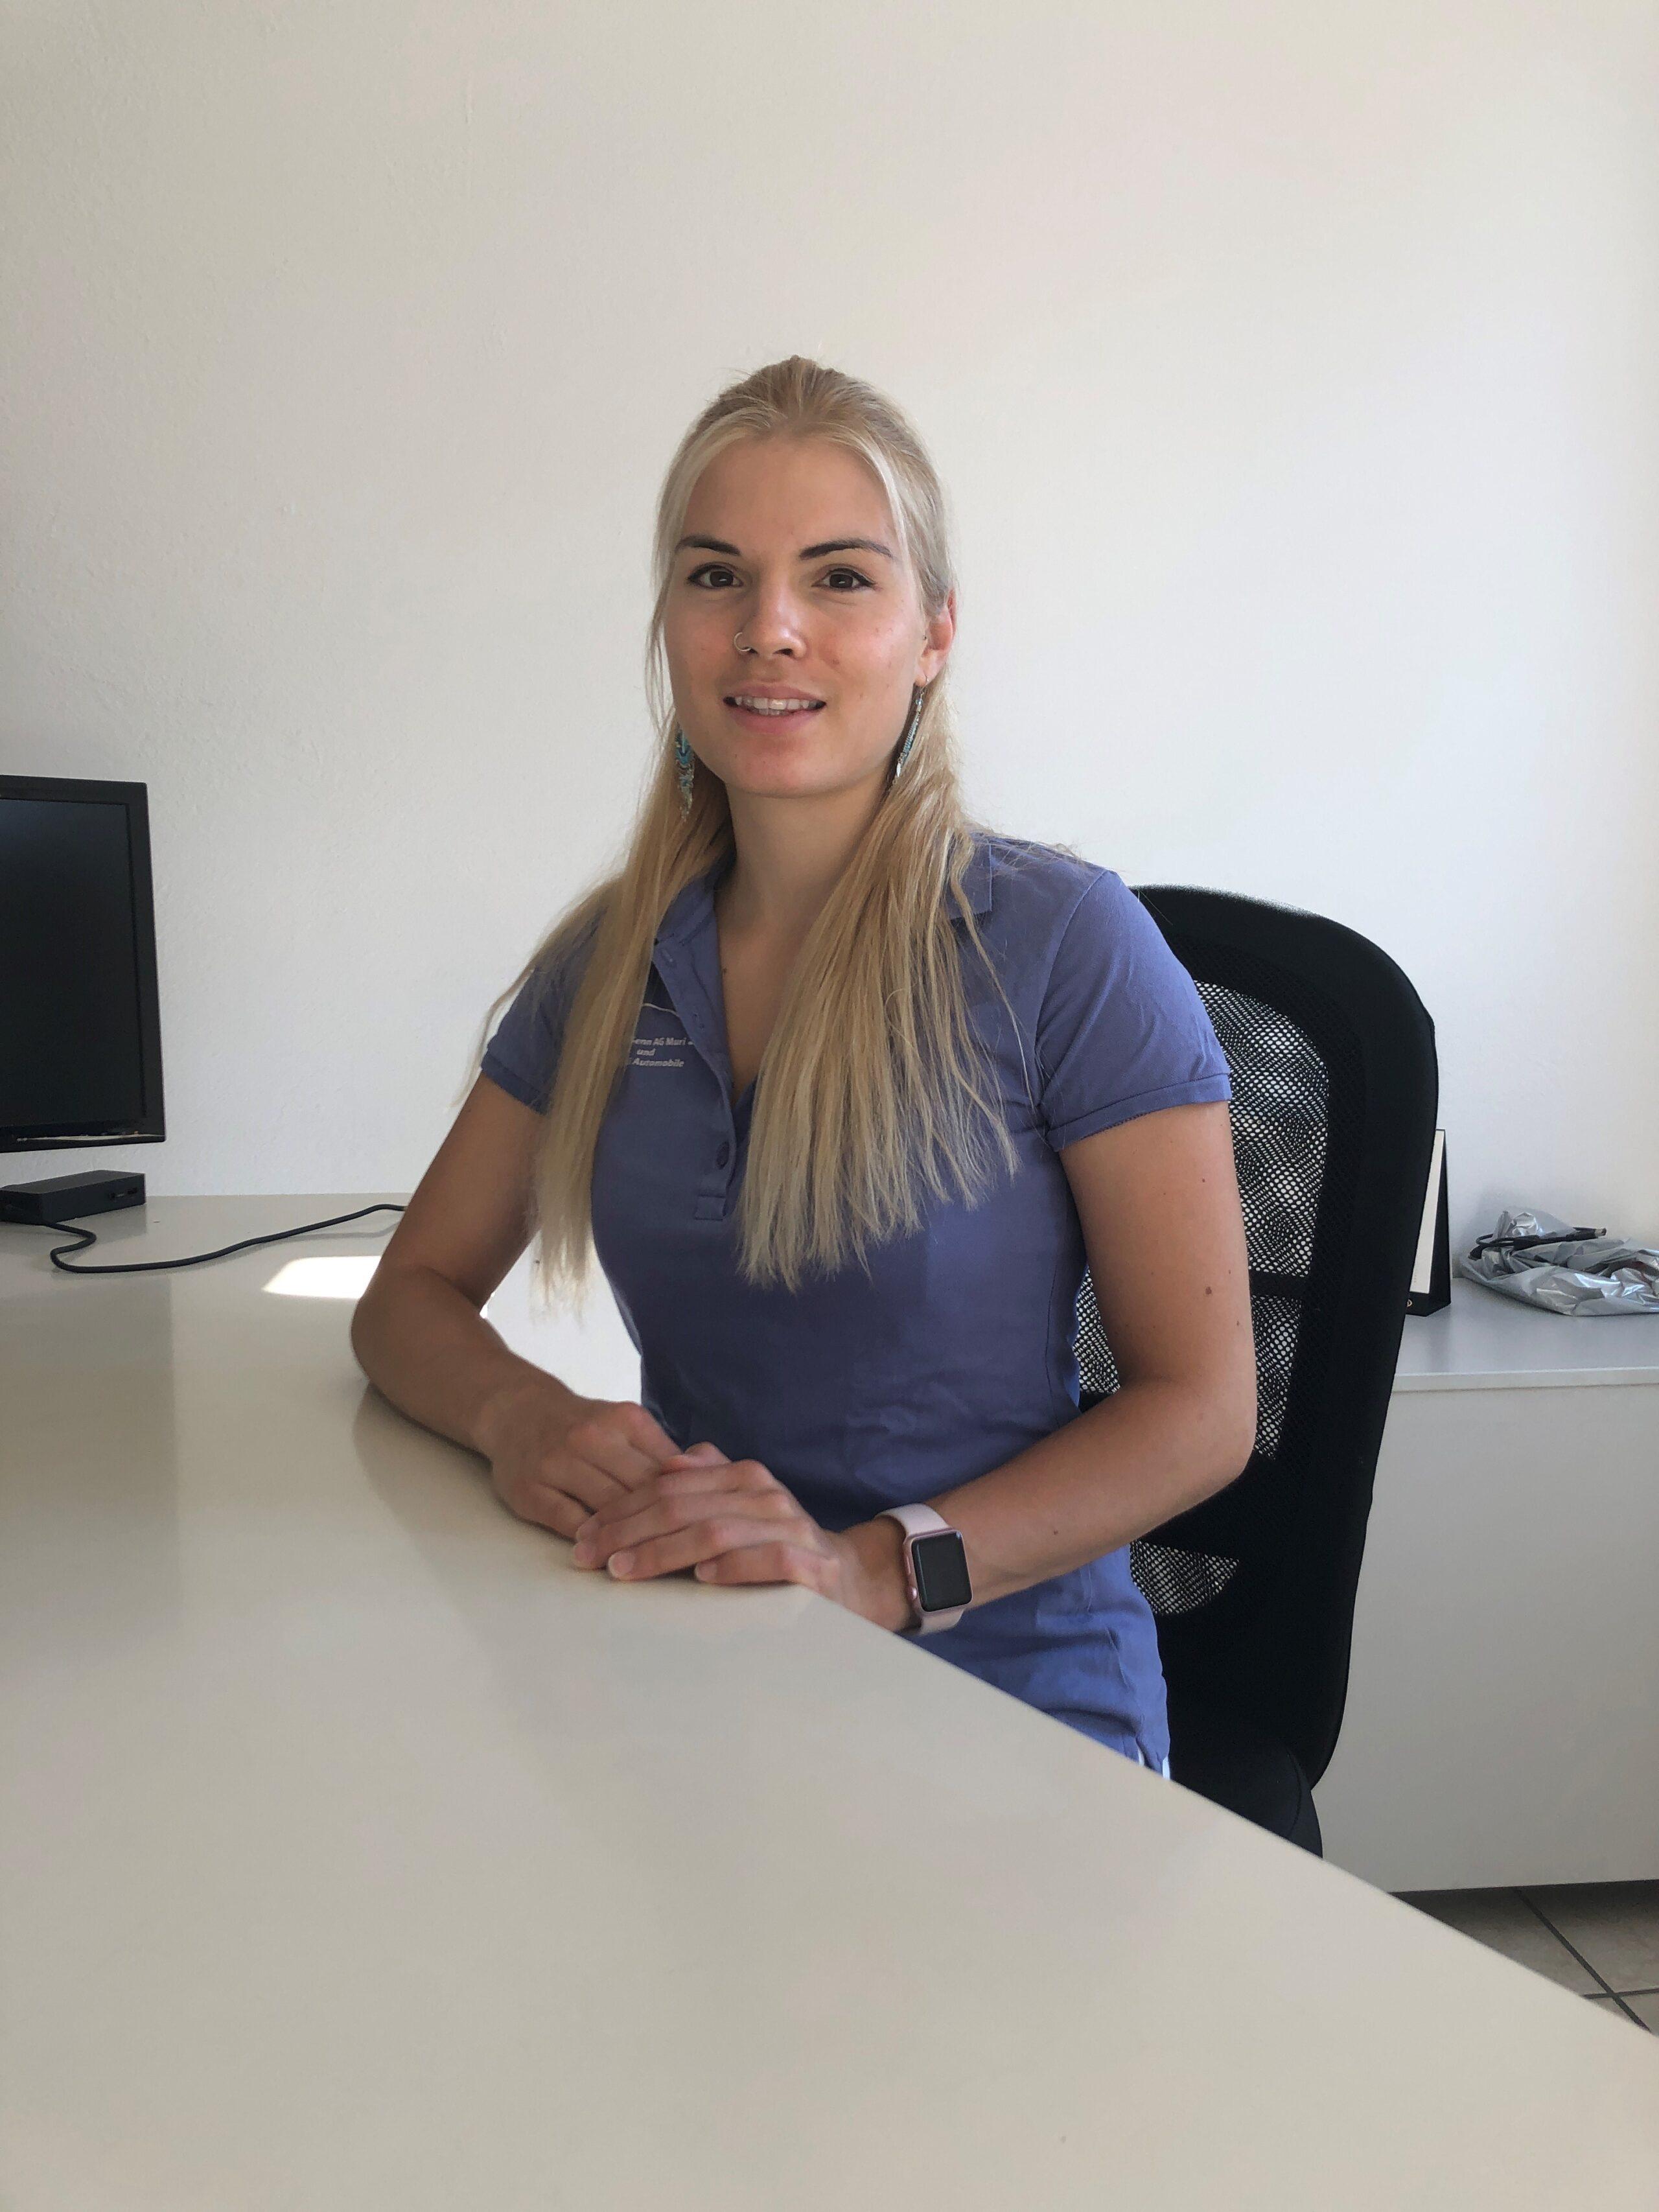 Stephanie Senn